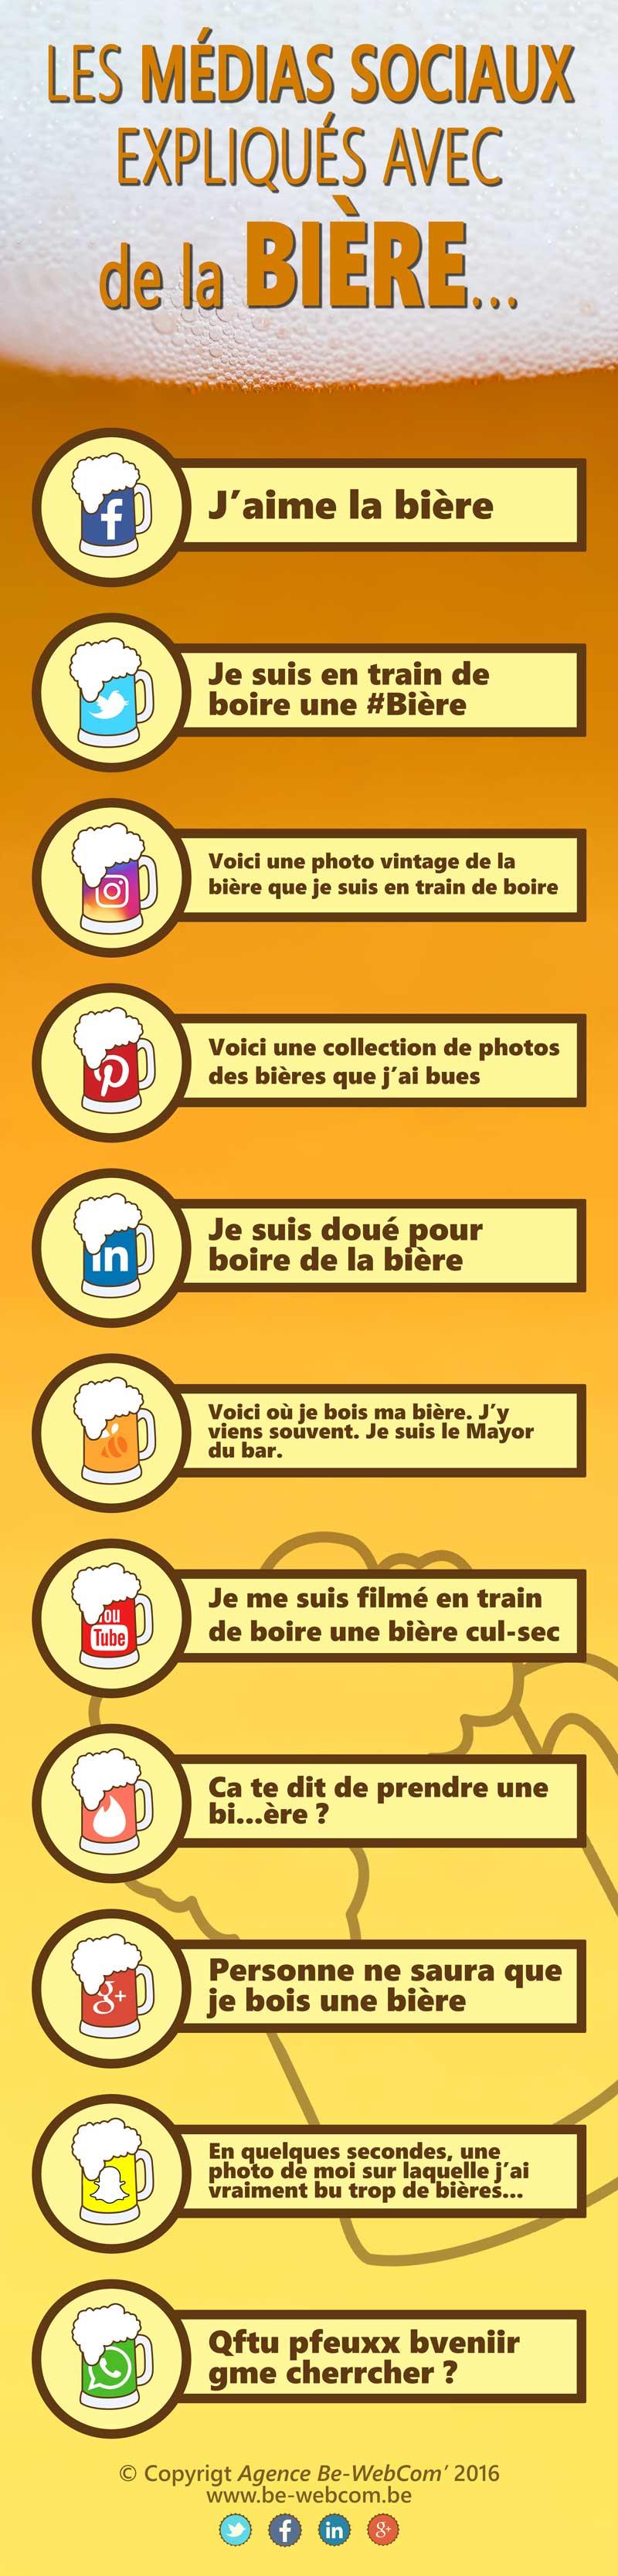 Comprendre les réseaux sociaux avec des bières